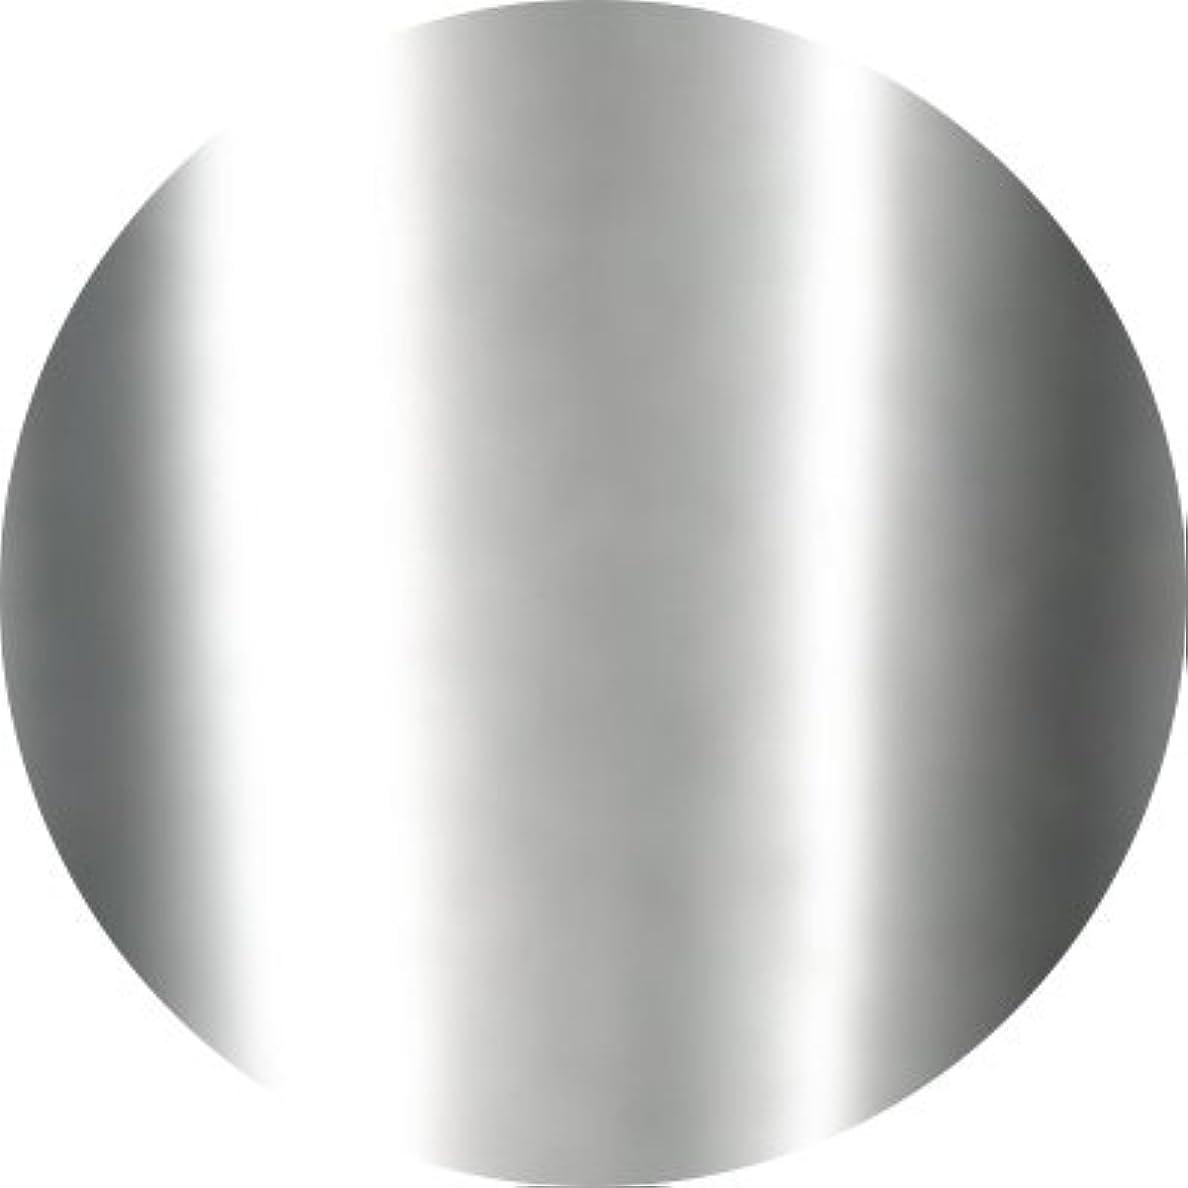 パリティ高原空洞Jewelry jel(ジュエリージェル) カラージェル 5ml<BR>ピッカピカメタリック MKシルバー